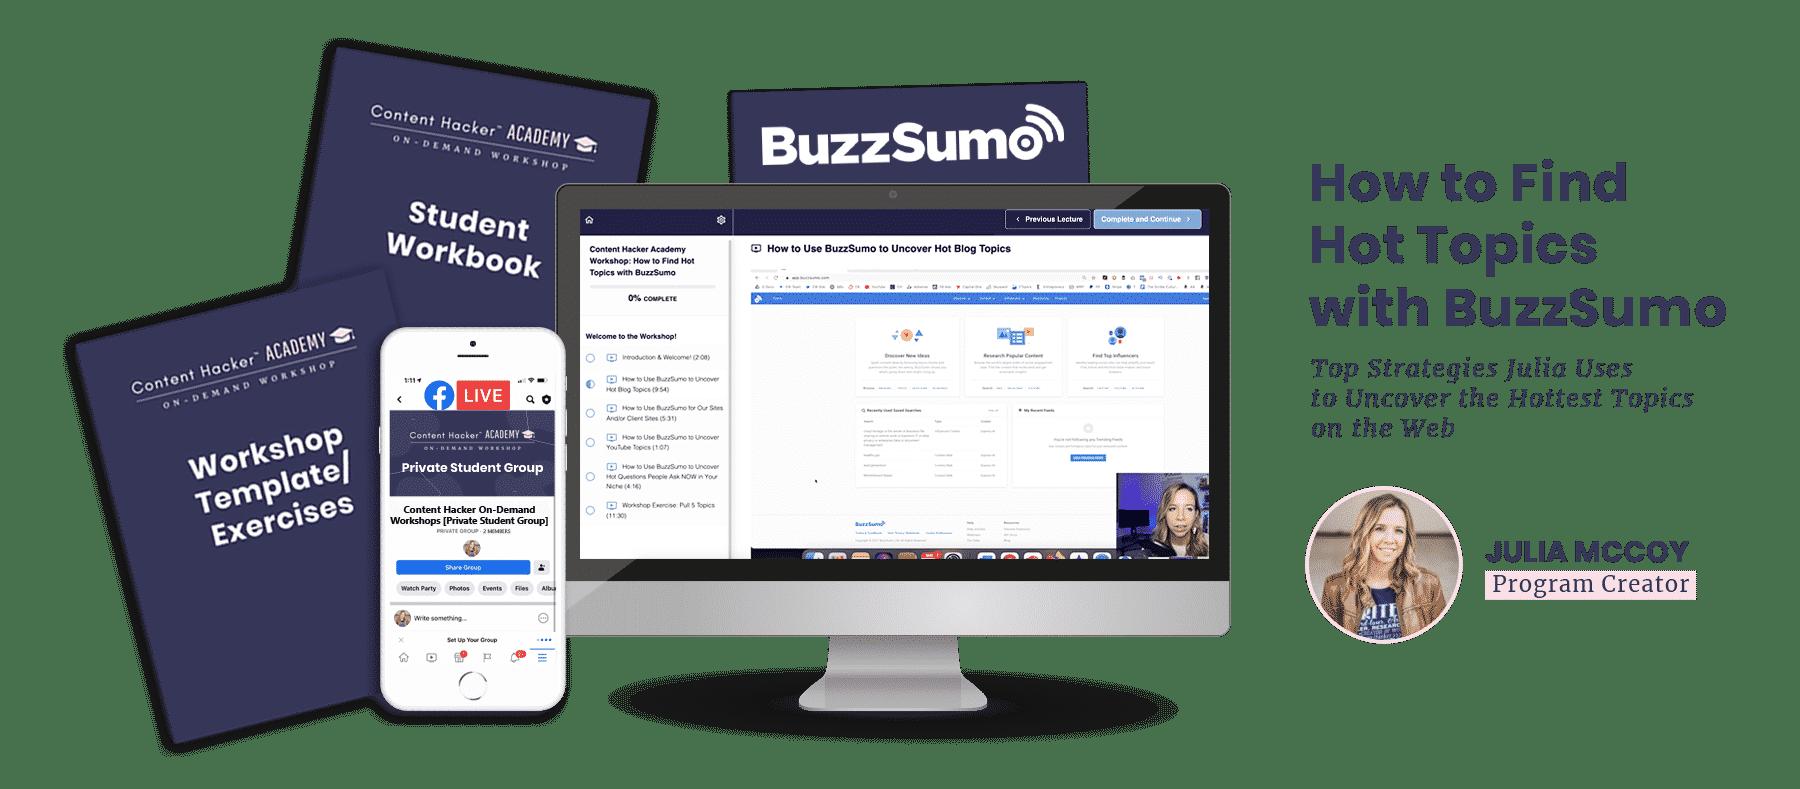 hot topics with buzzsumo